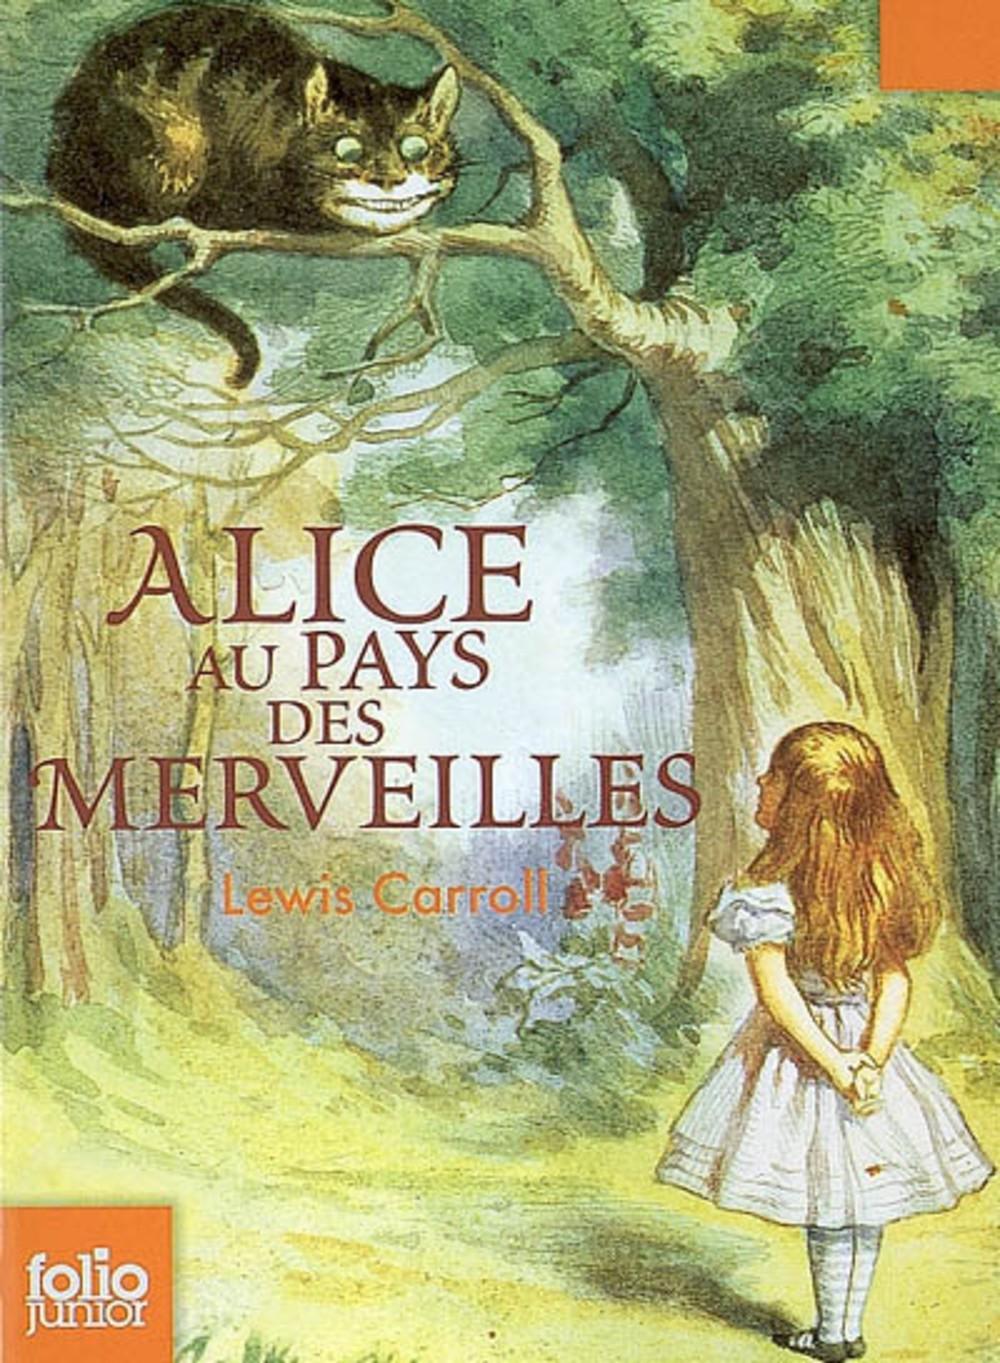 Les_Aventures_d_Alice_au_pays_des_merveilles